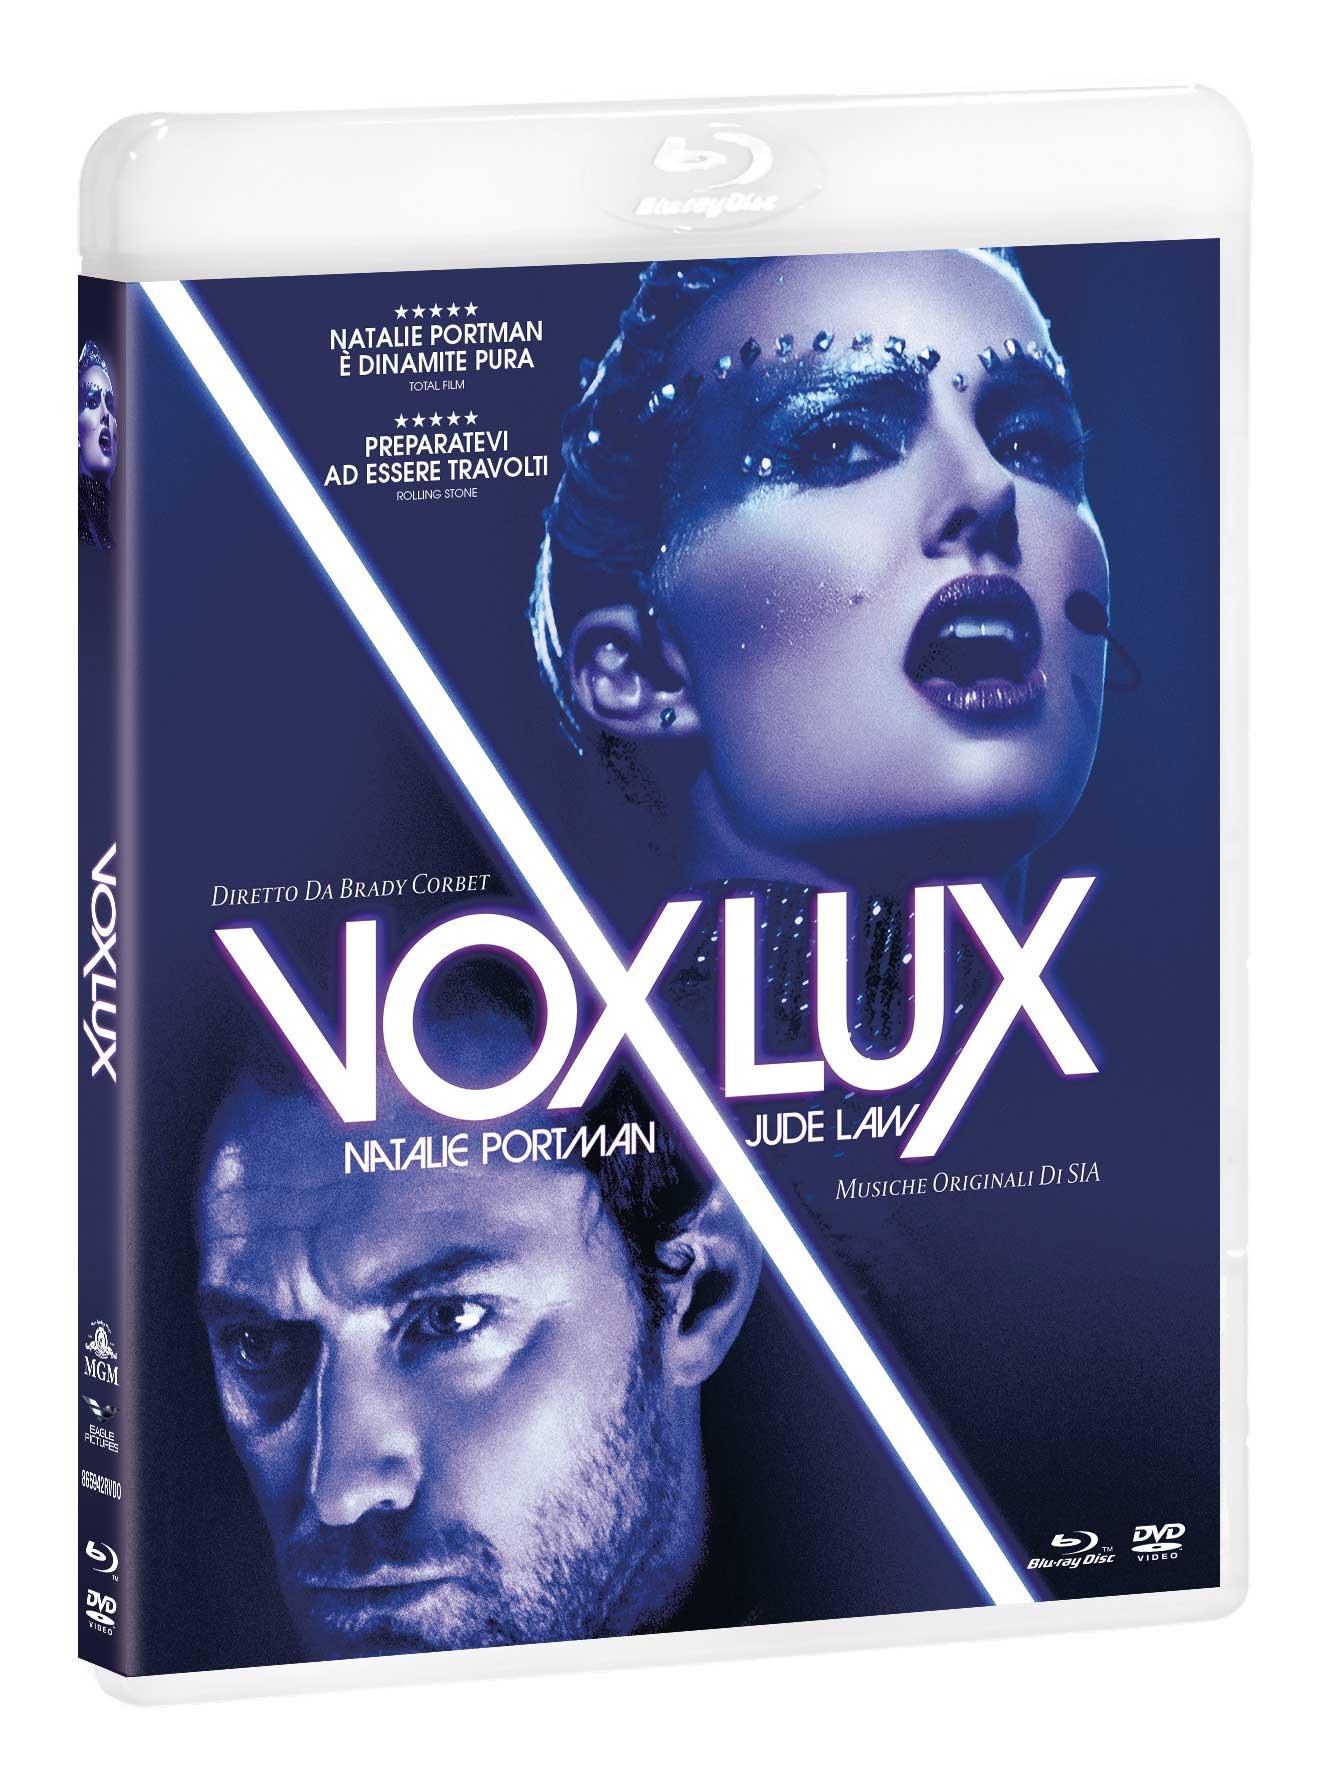 VOX LUX (BLU-RAY+DVD)